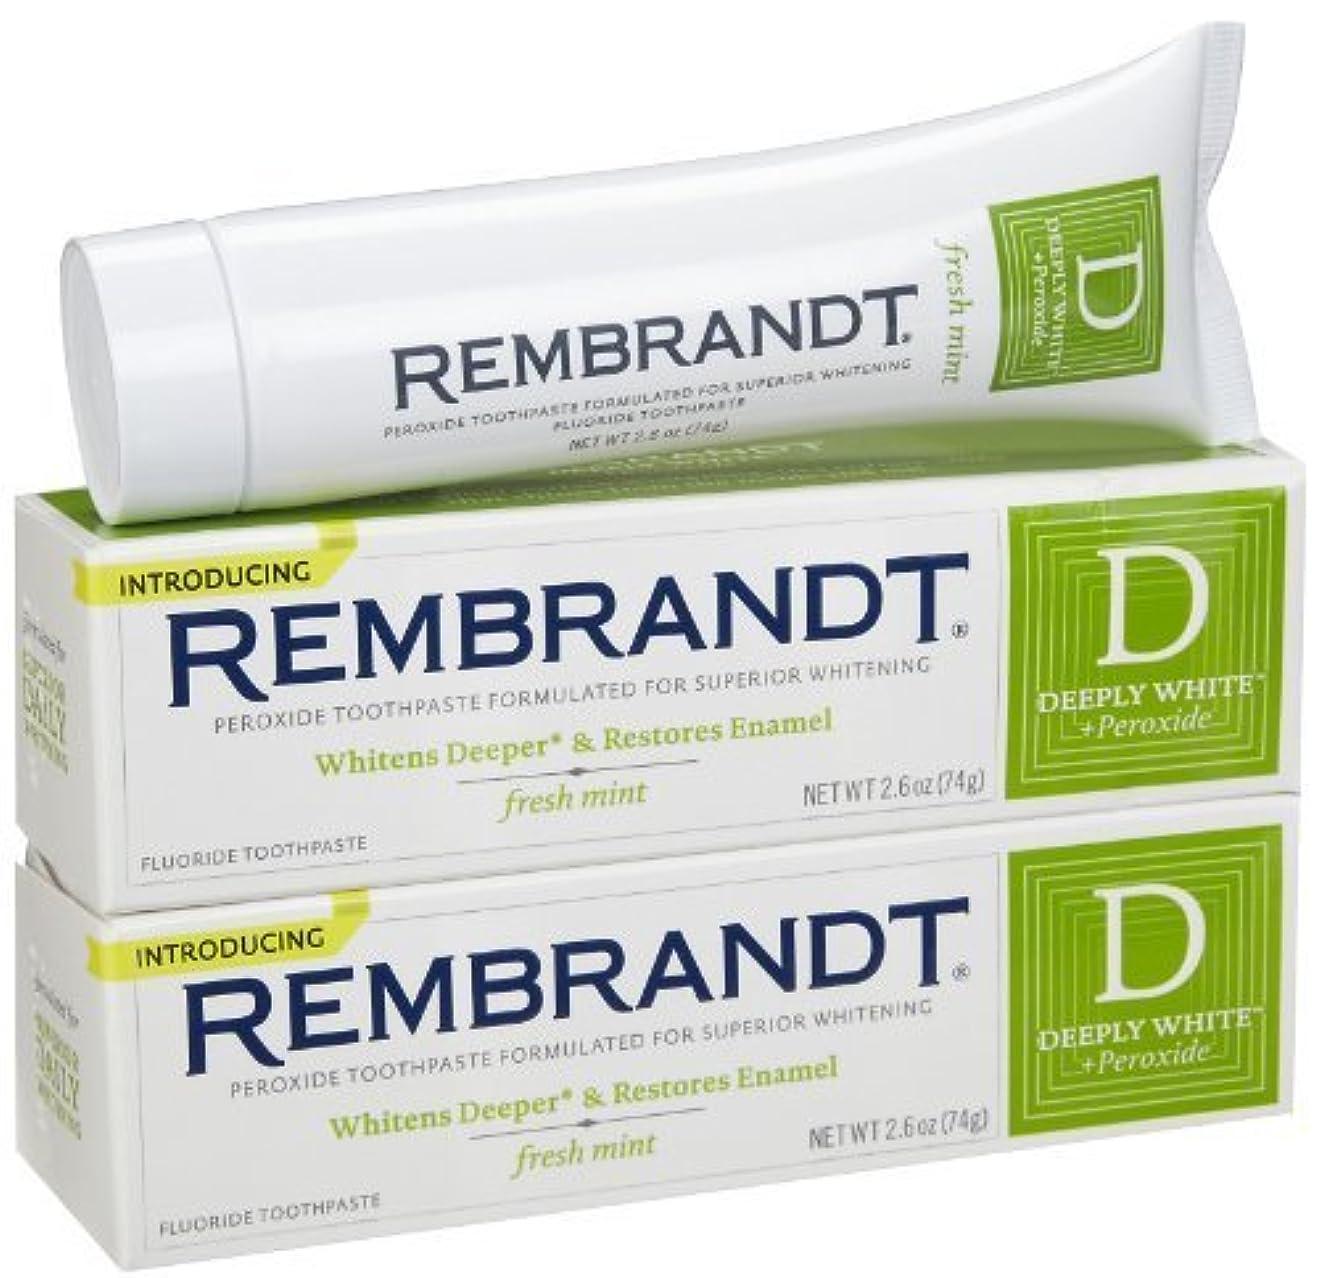 死隣接する逃れるRembrandt Fluoride Toothpaste, Mint - 2.6 oz - 2 pk [並行輸入品]